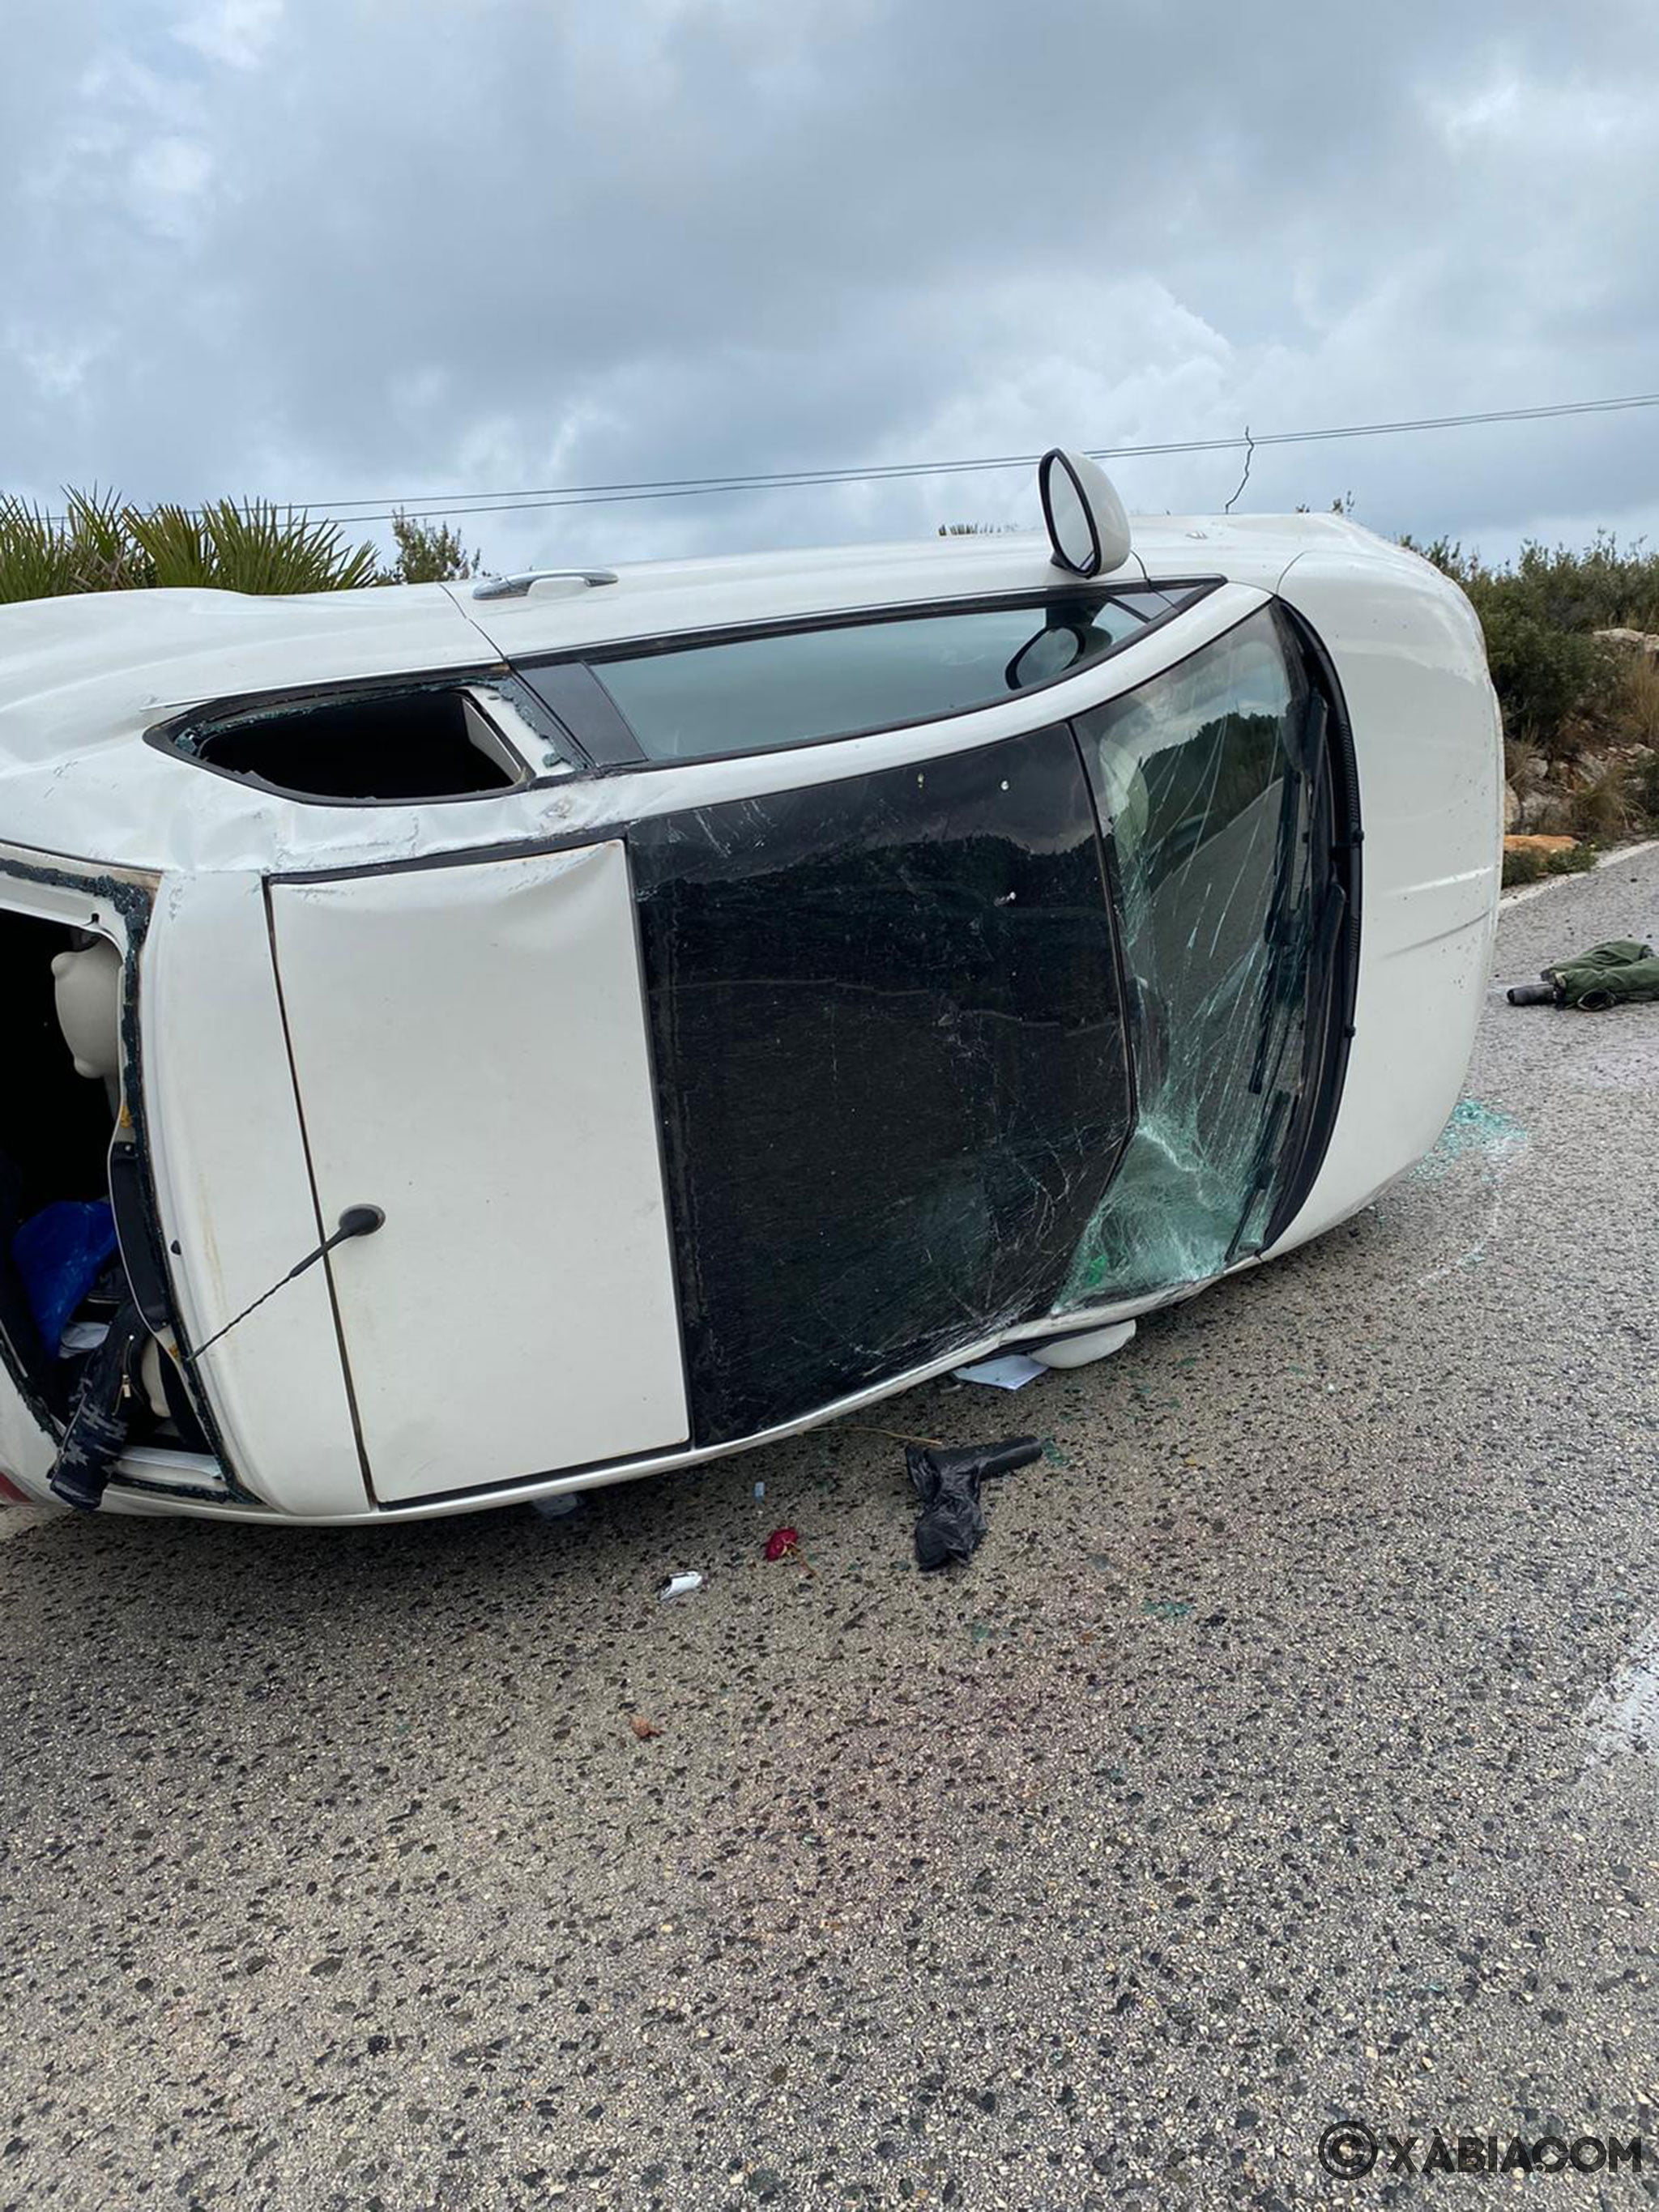 Accidente en la carretera de les Planes, con coche volcado